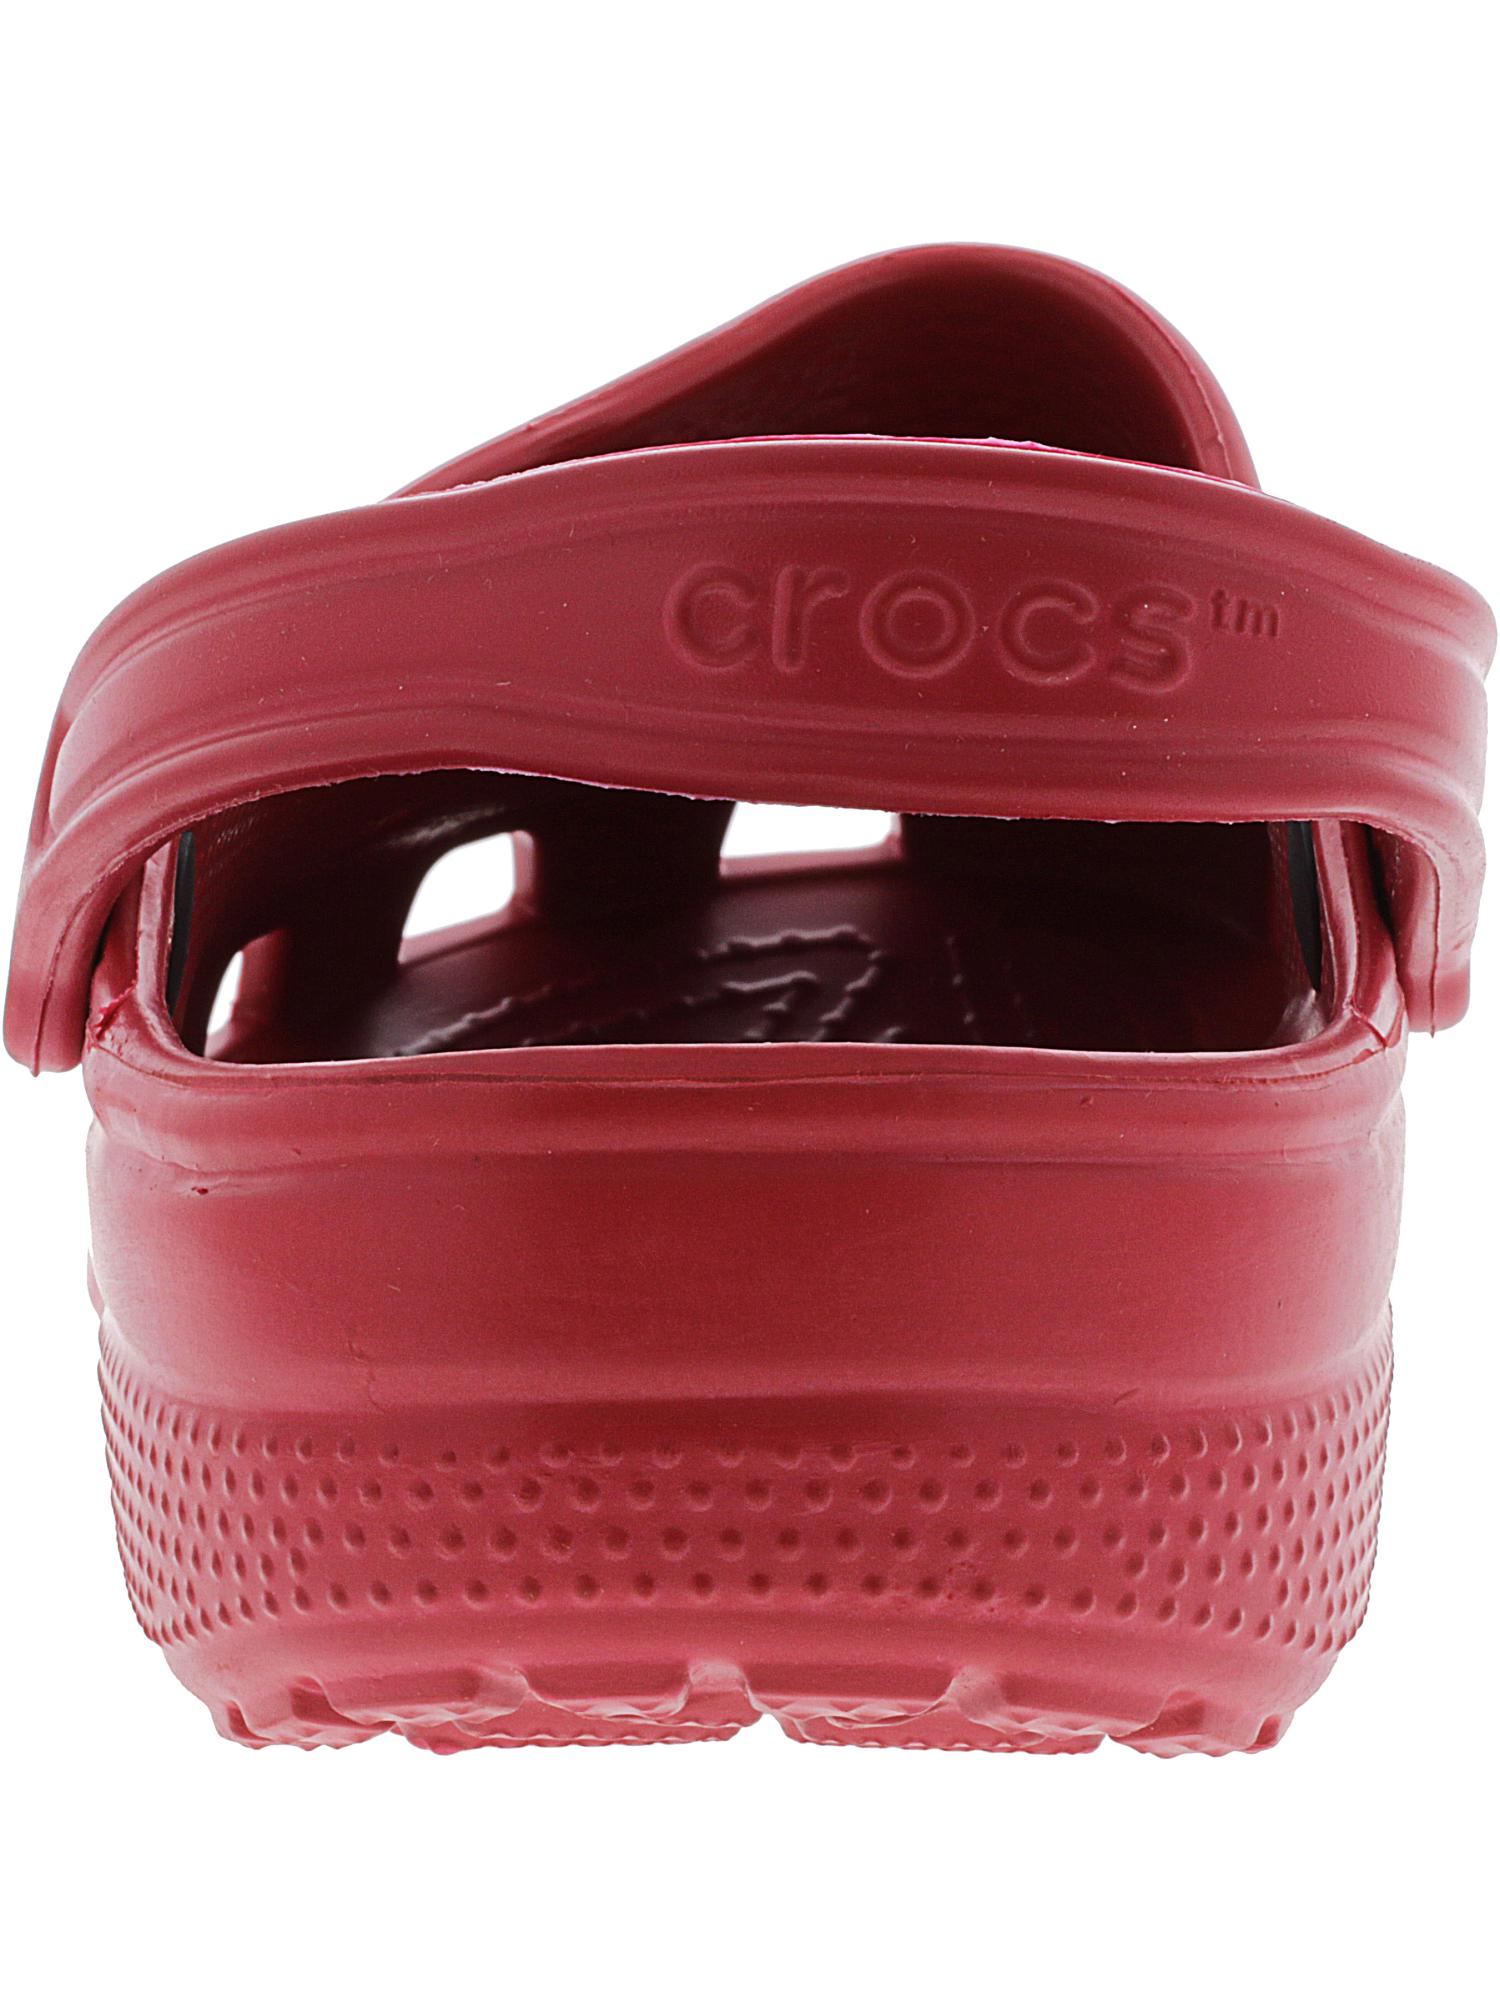 Crocs-Classic-Clog-Ltd-Clogs thumbnail 32